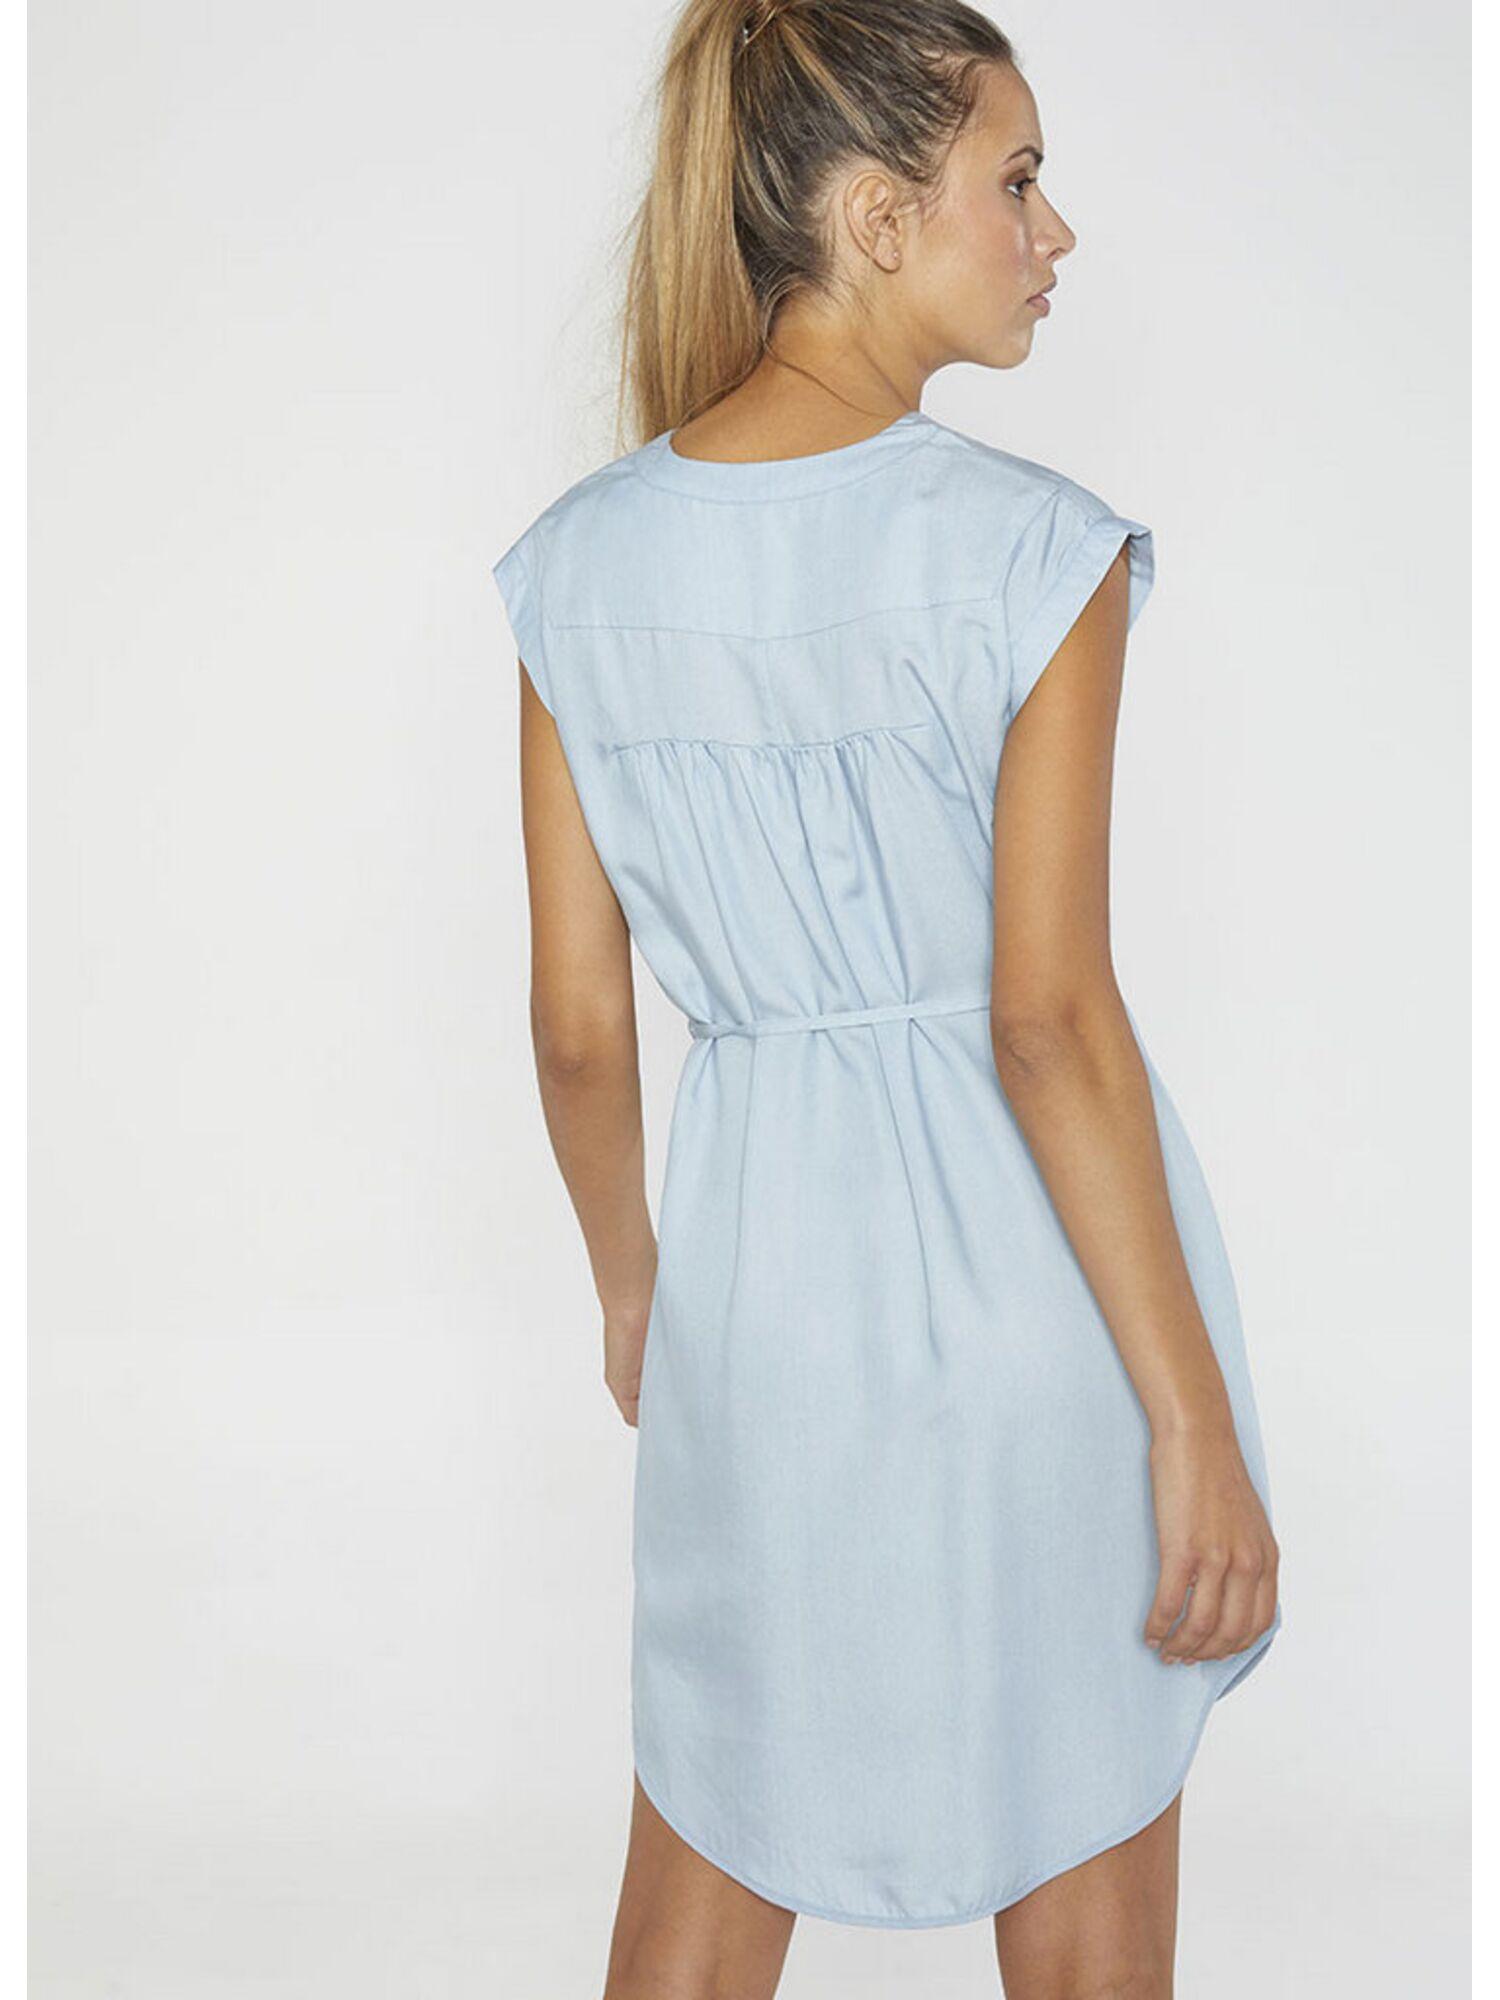 Женское платье пляжное 85698 голубой, Ysabel Mora (Испания)